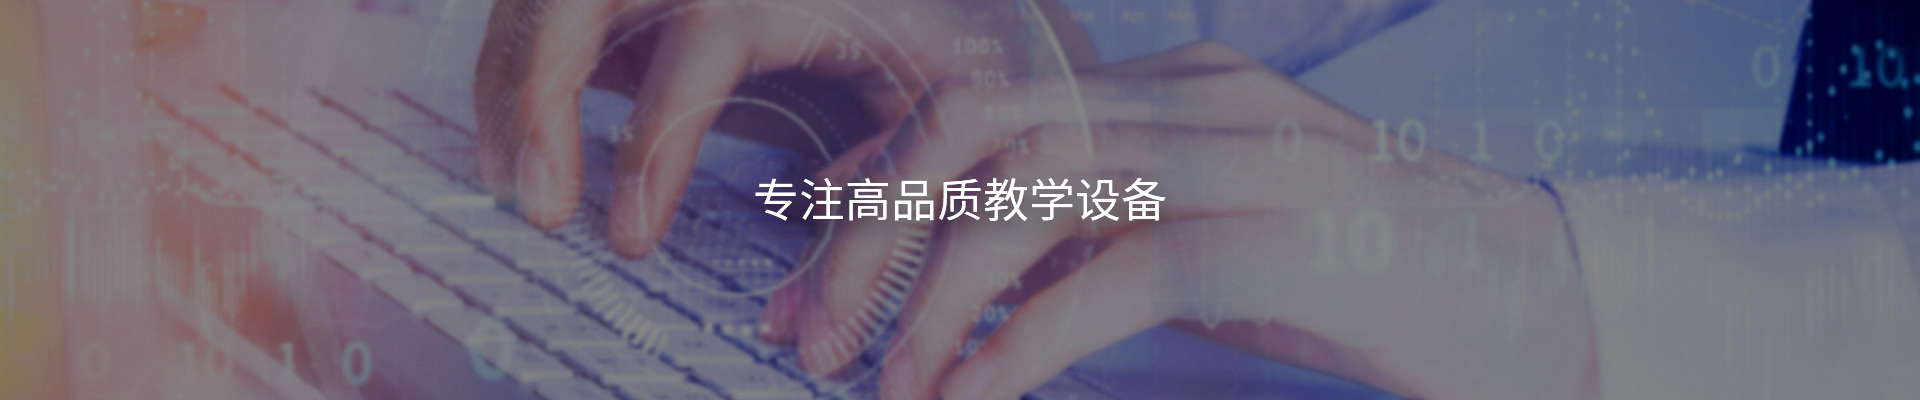 北京杰創永恒科技有限公司